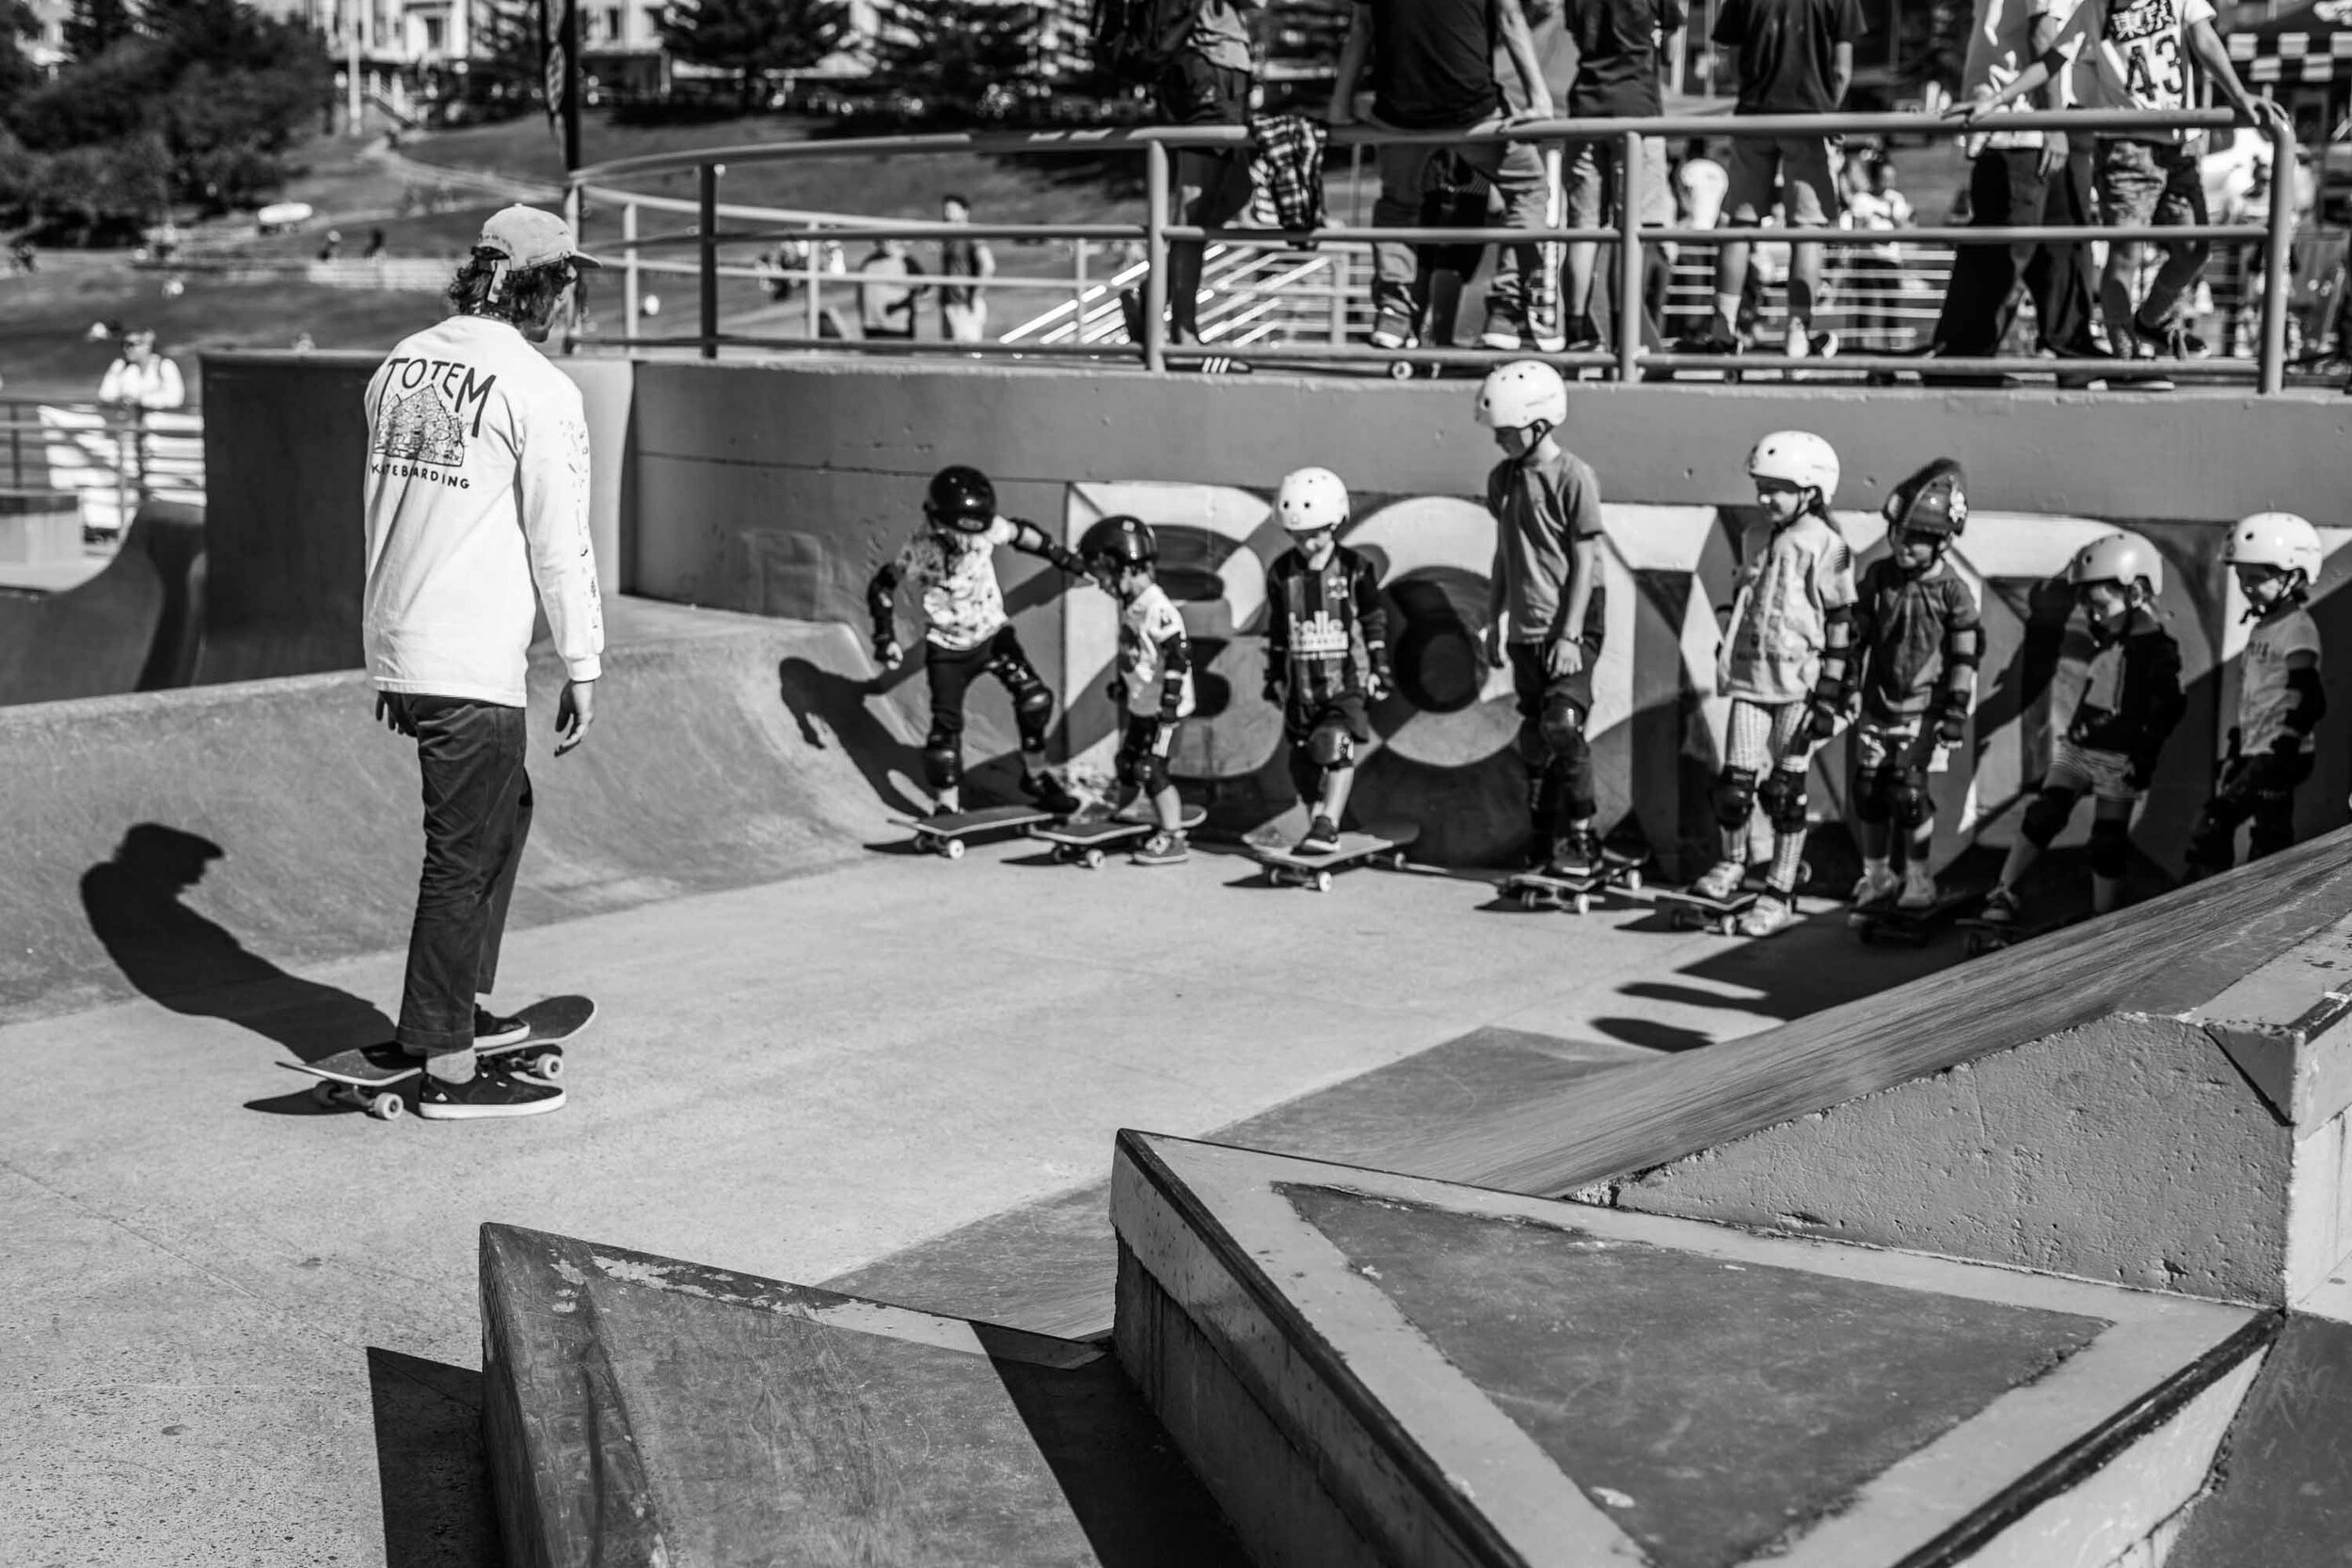 totem-free-skateboard-beginners-workshop.jpg